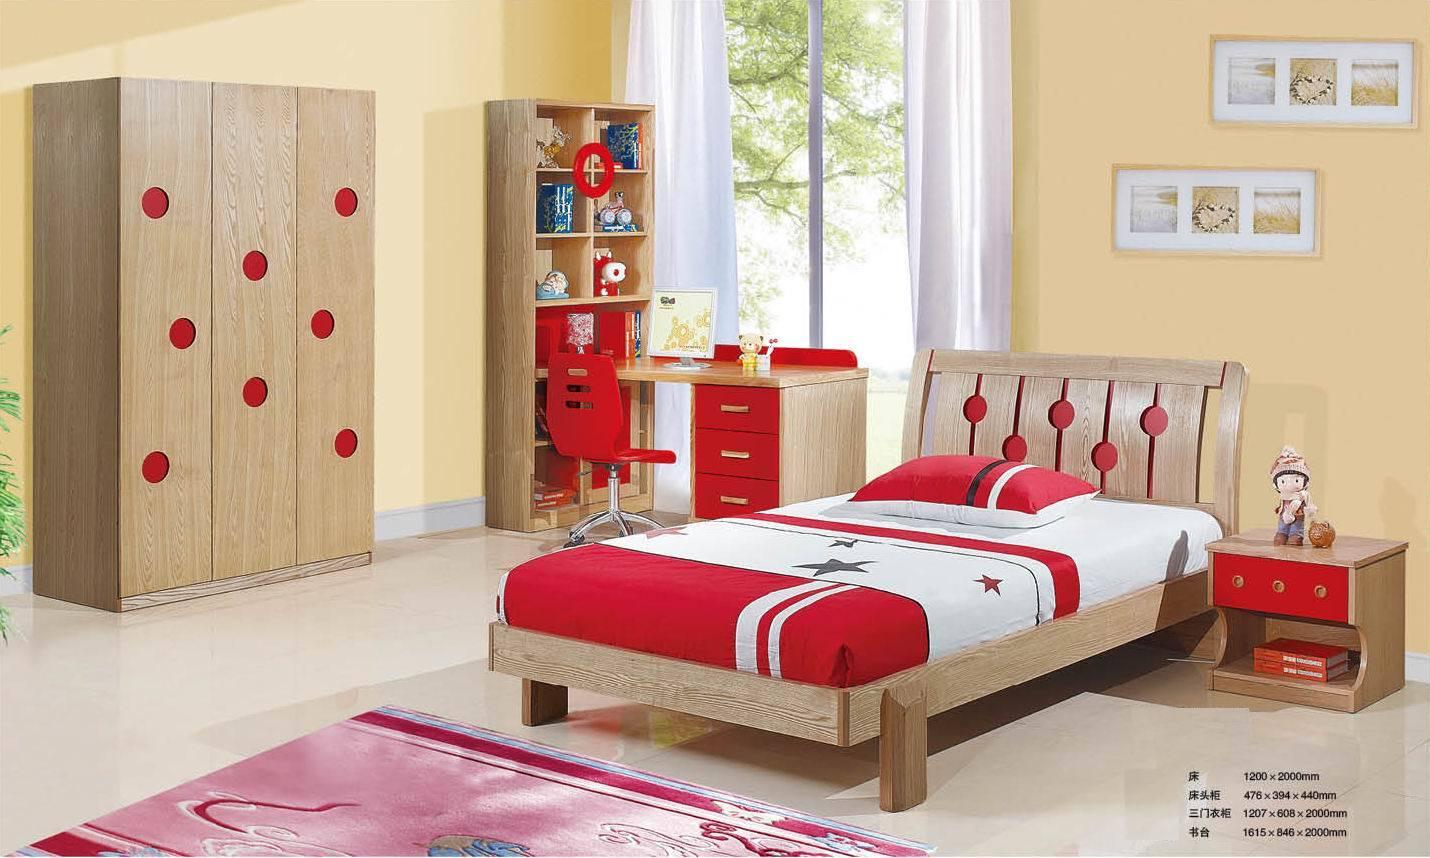 Meubles de chambre coucher d 39 enfant jkd 20200 for Meuble chambre a coucher